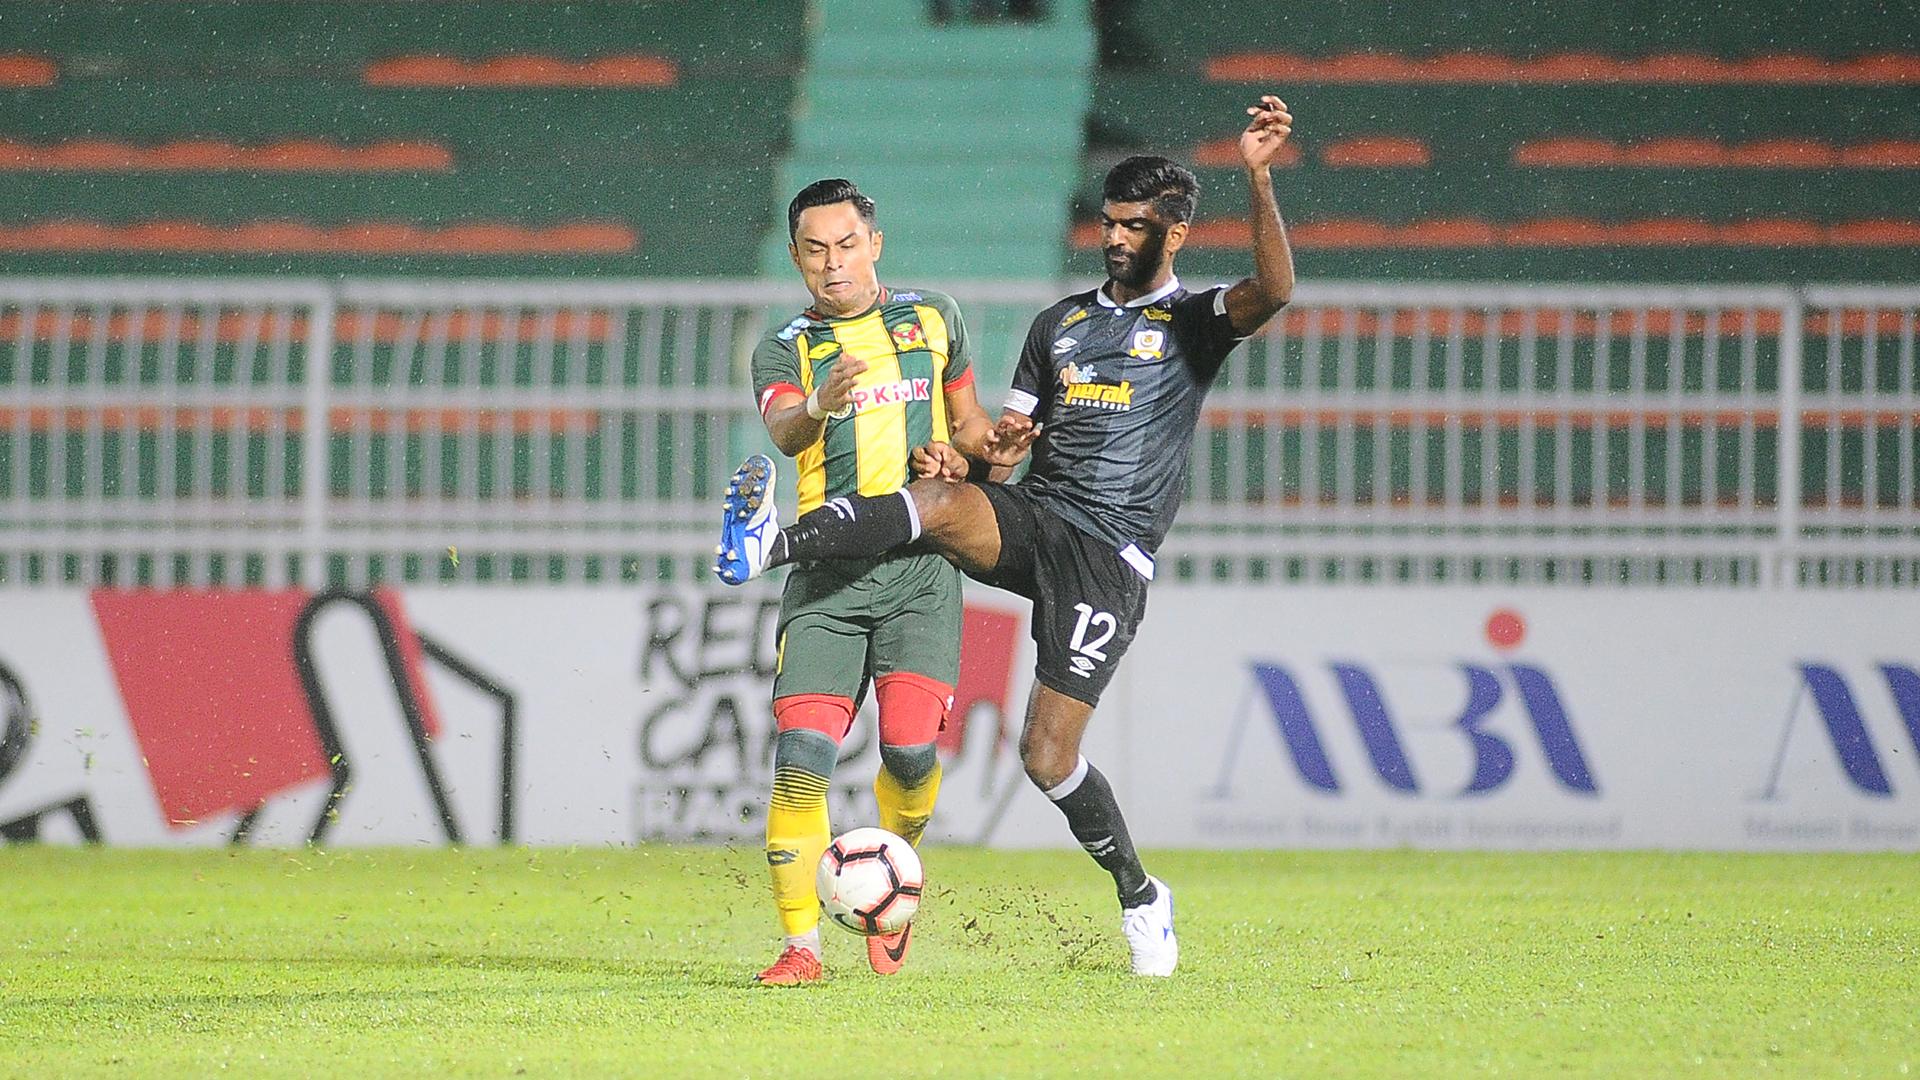 Zaquan Adha, Kenny Pallraj, Kedah v Perak, Malaysia Super League, 13 Jul 2019